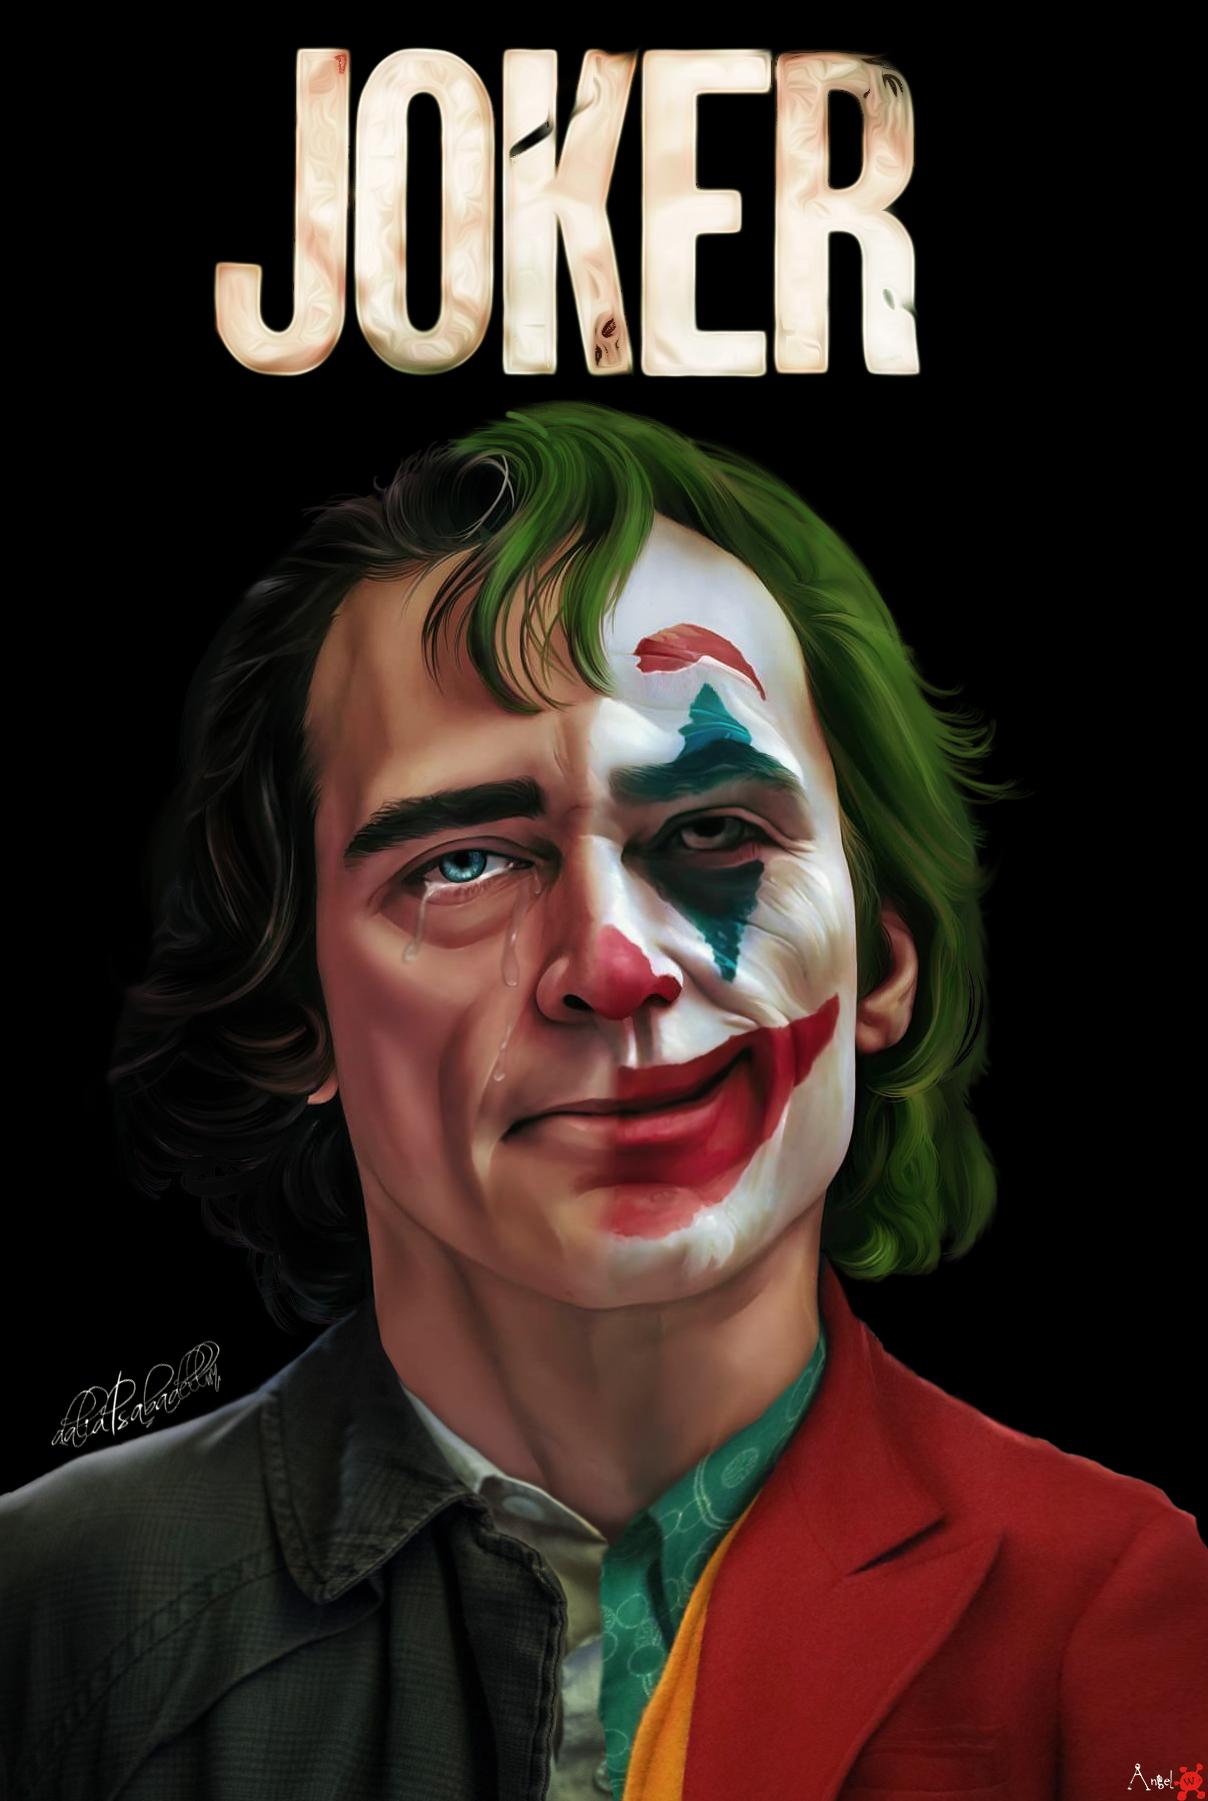 Wallpaper Model Digital Art Digital Painting Joker 2019